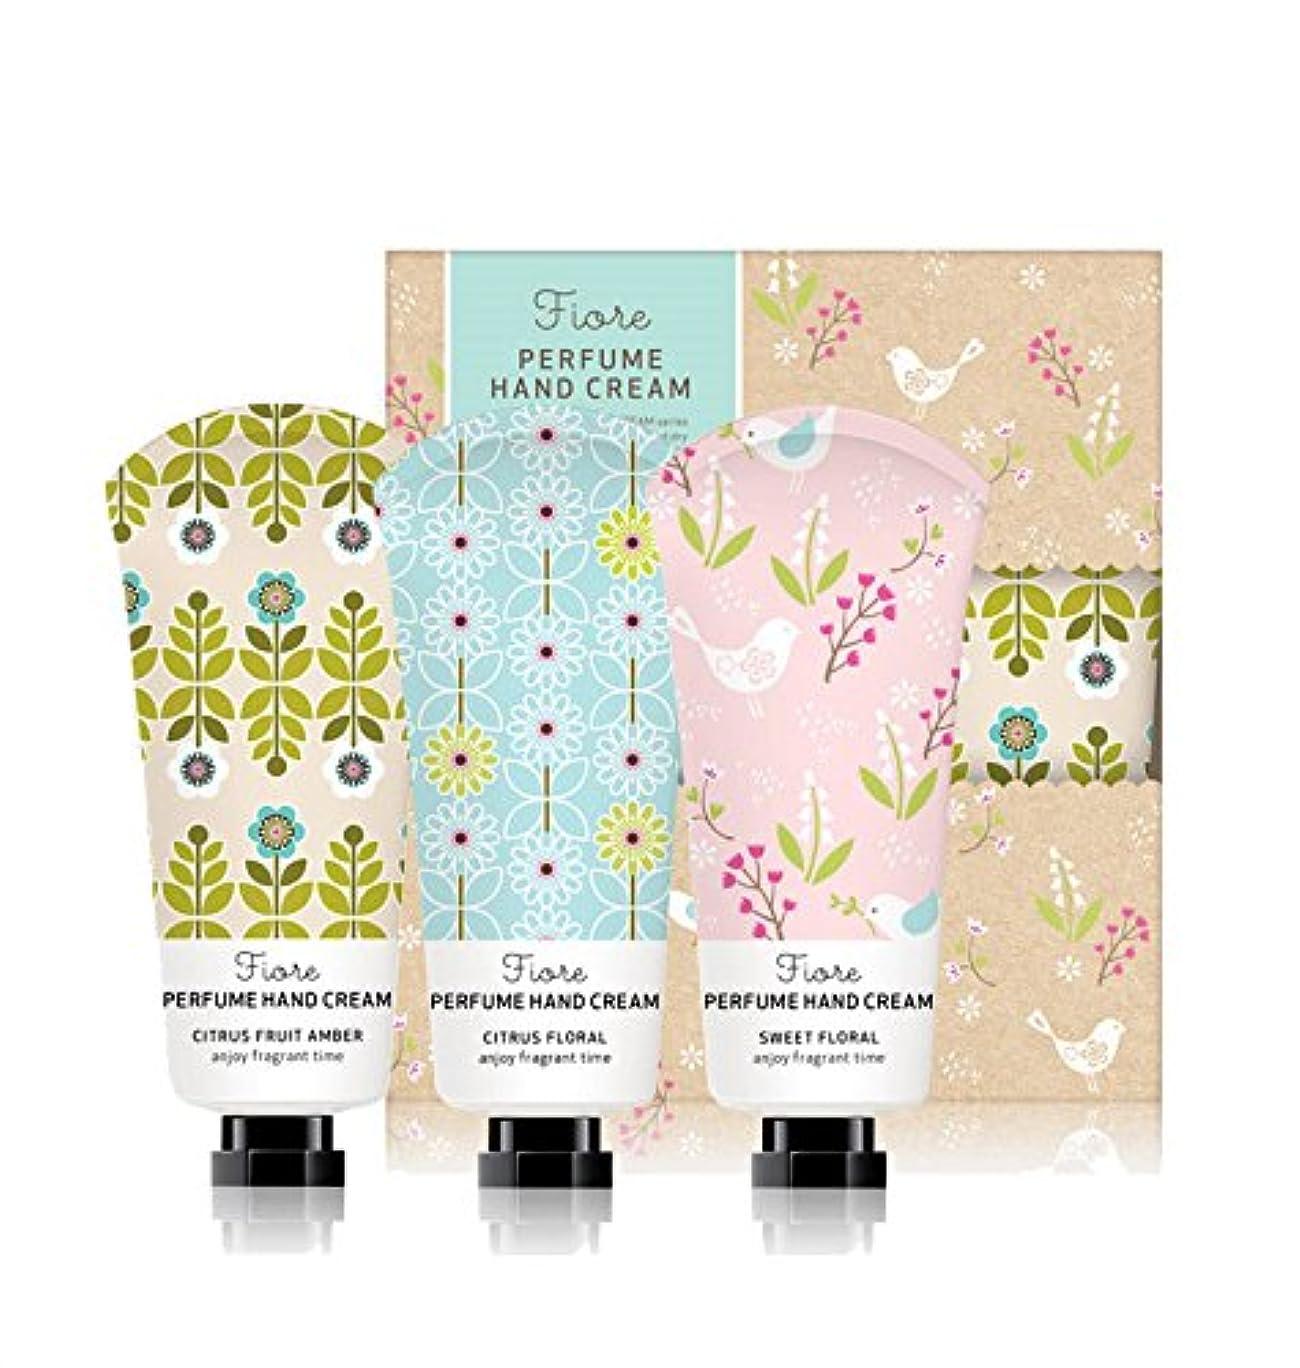 偽造期間同盟[Fiore★ギフト用紙袋贈呈] パフュームハンドクリーム?スペシャルセット 60g x 3個セット / Perfume Hand Cream Specail Set